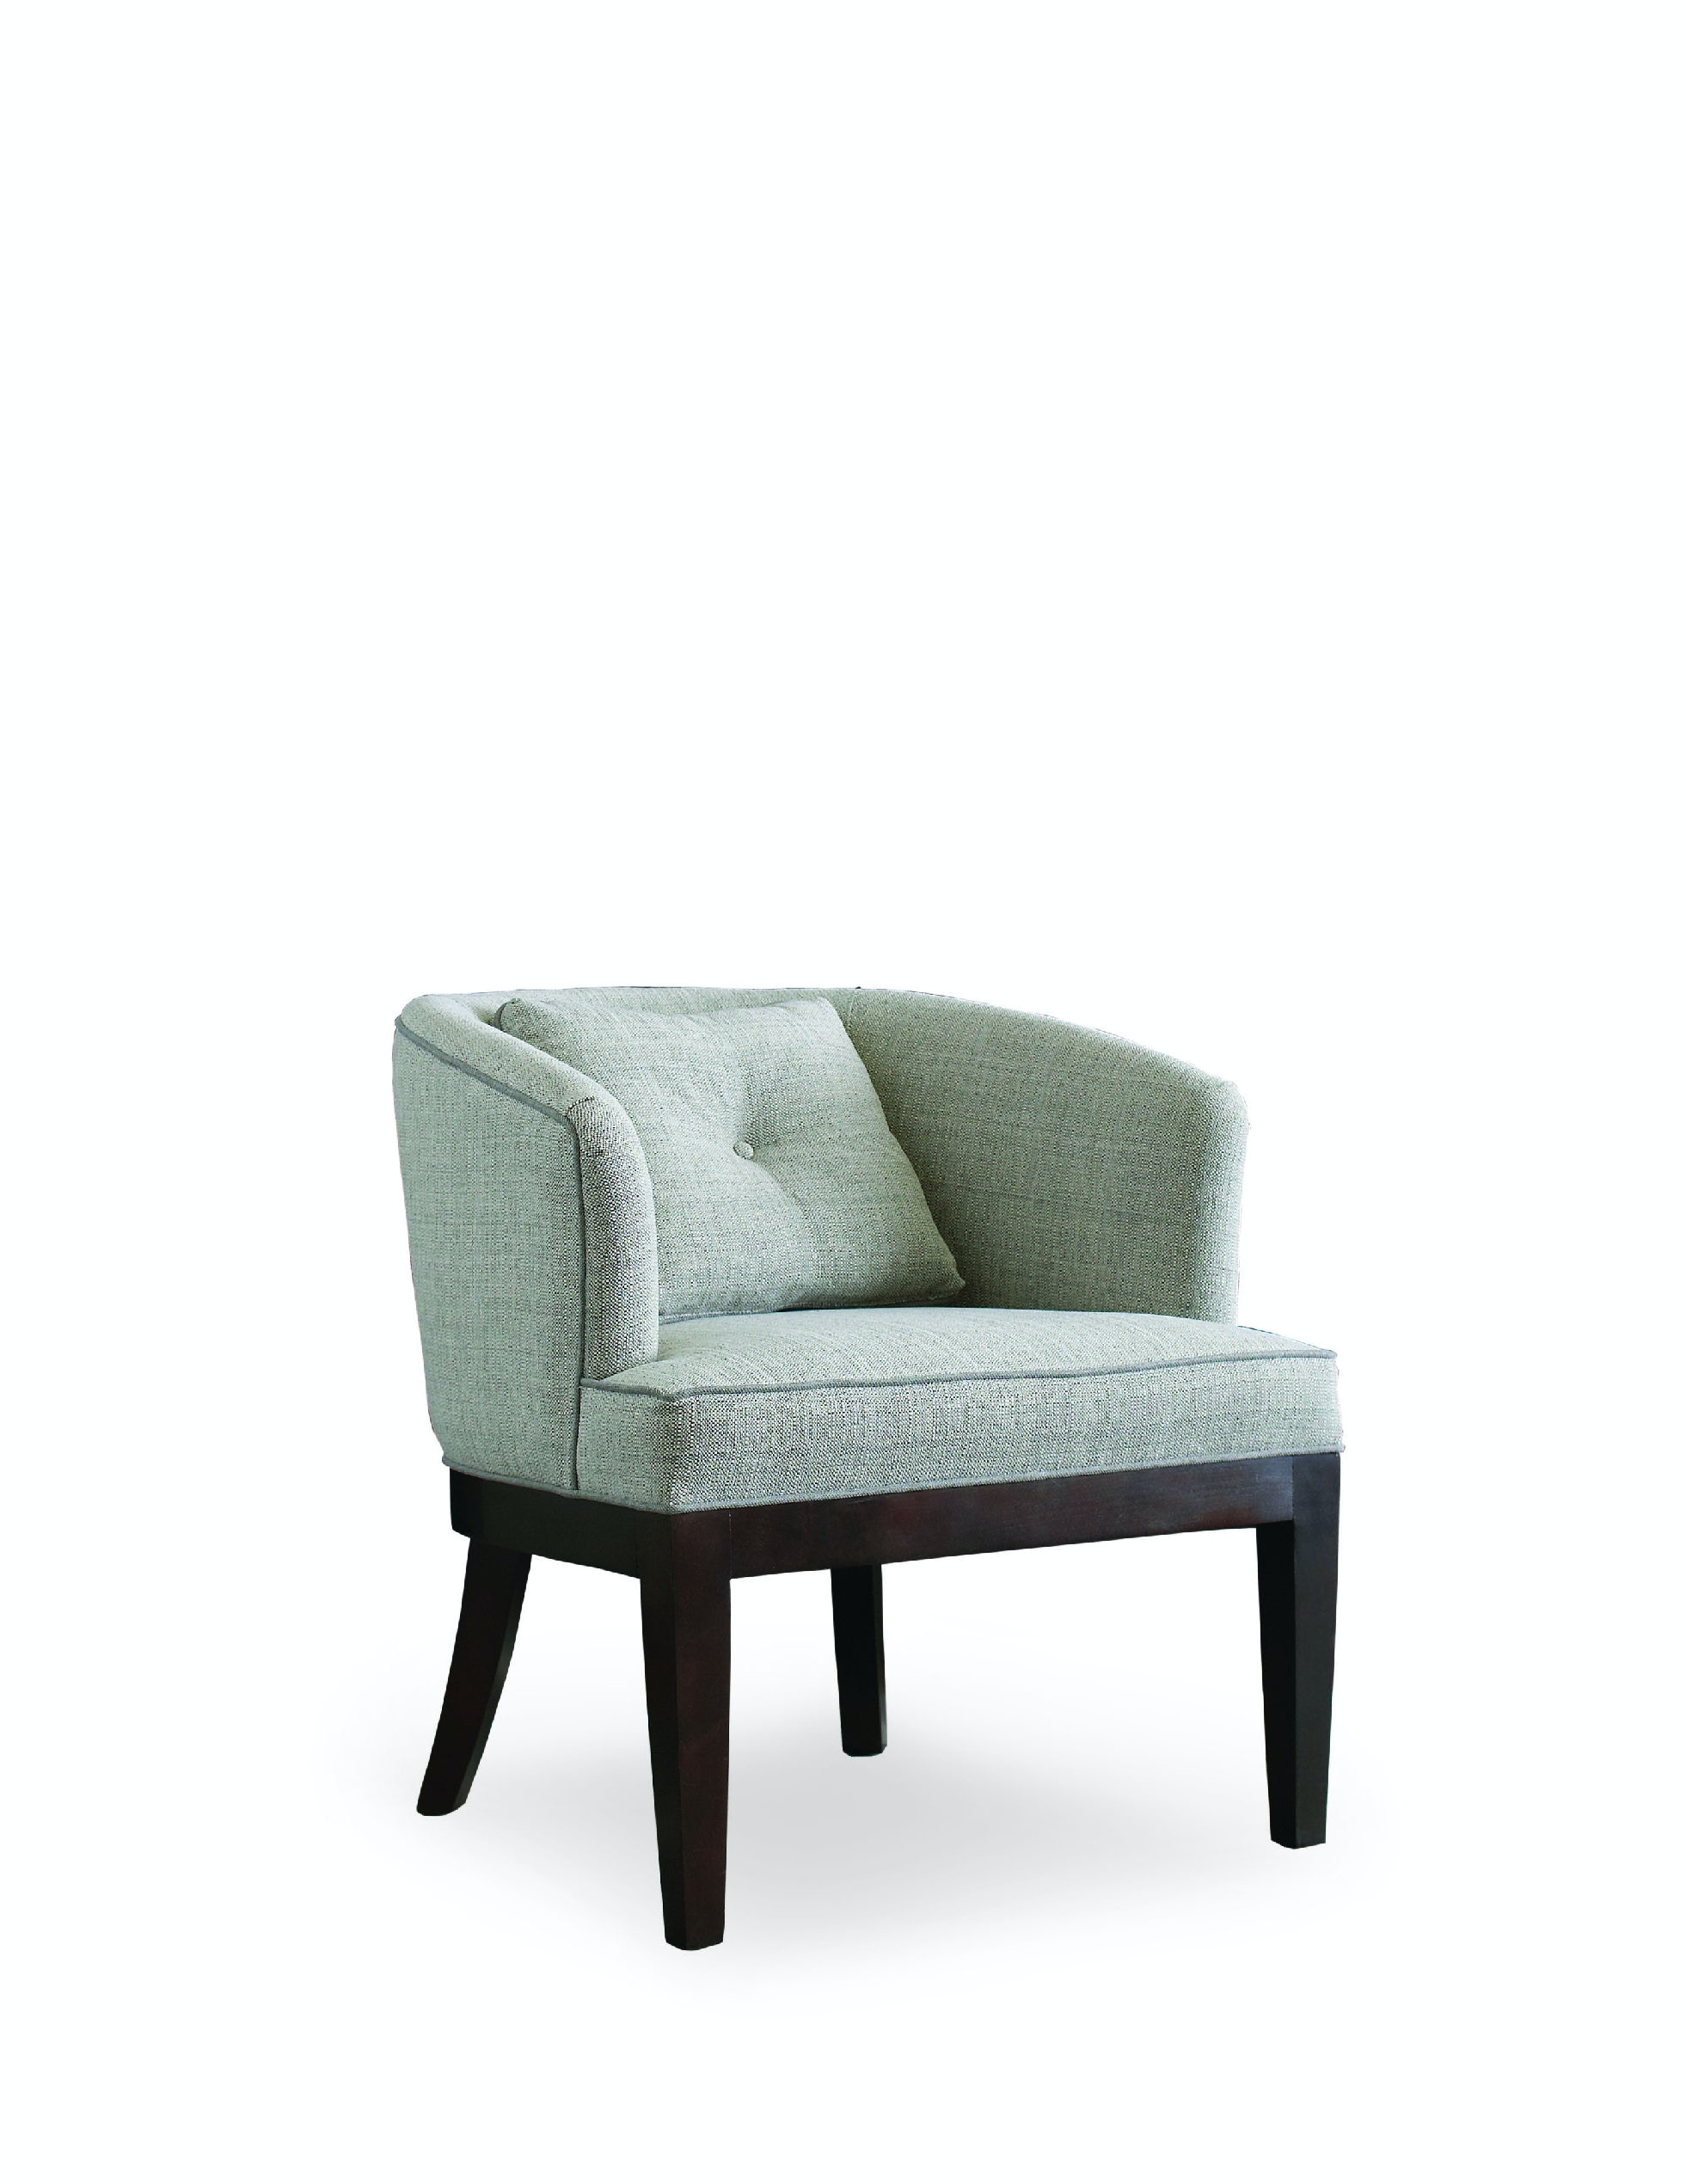 Dresden Chair 5013-001